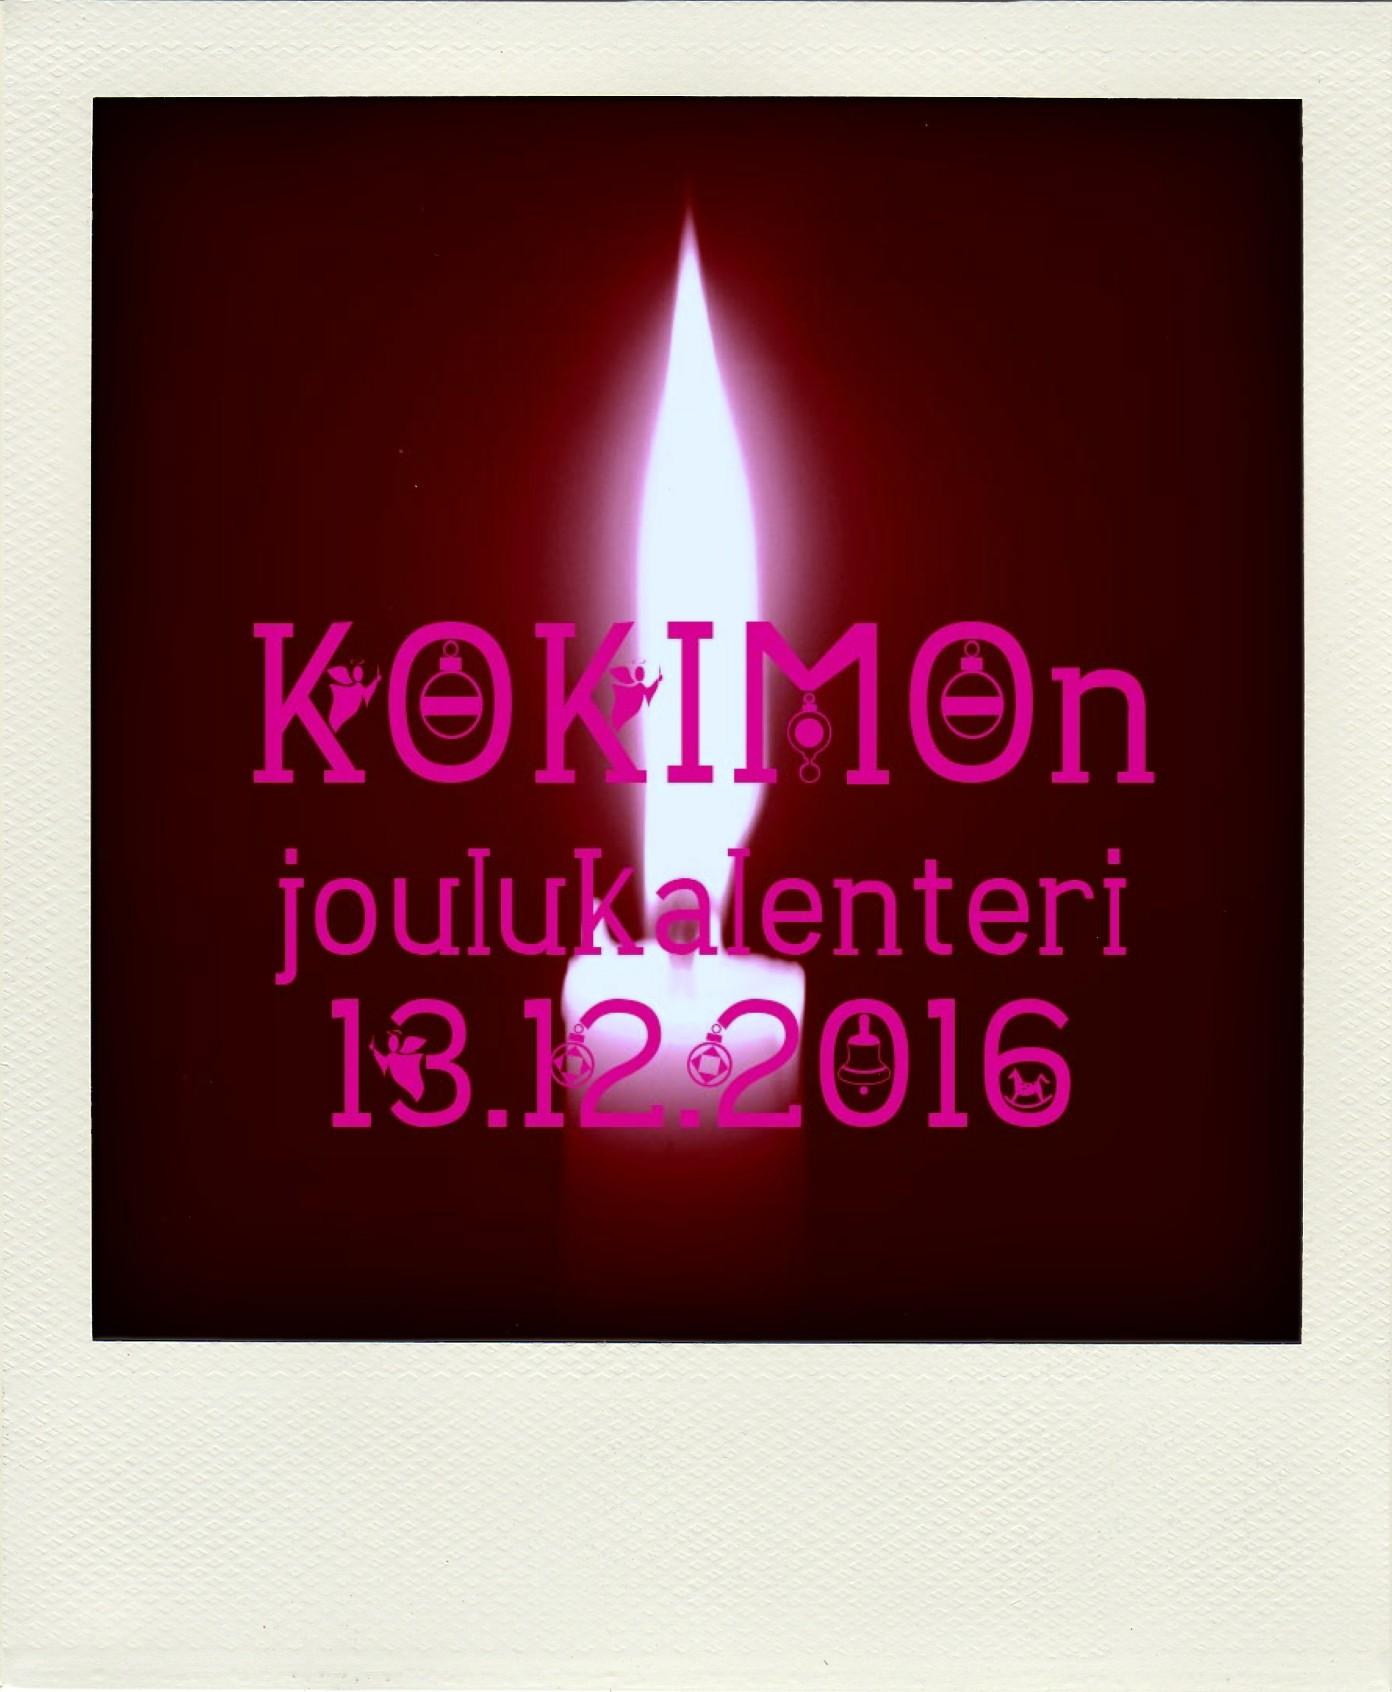 kokimon_joulukalenteri3